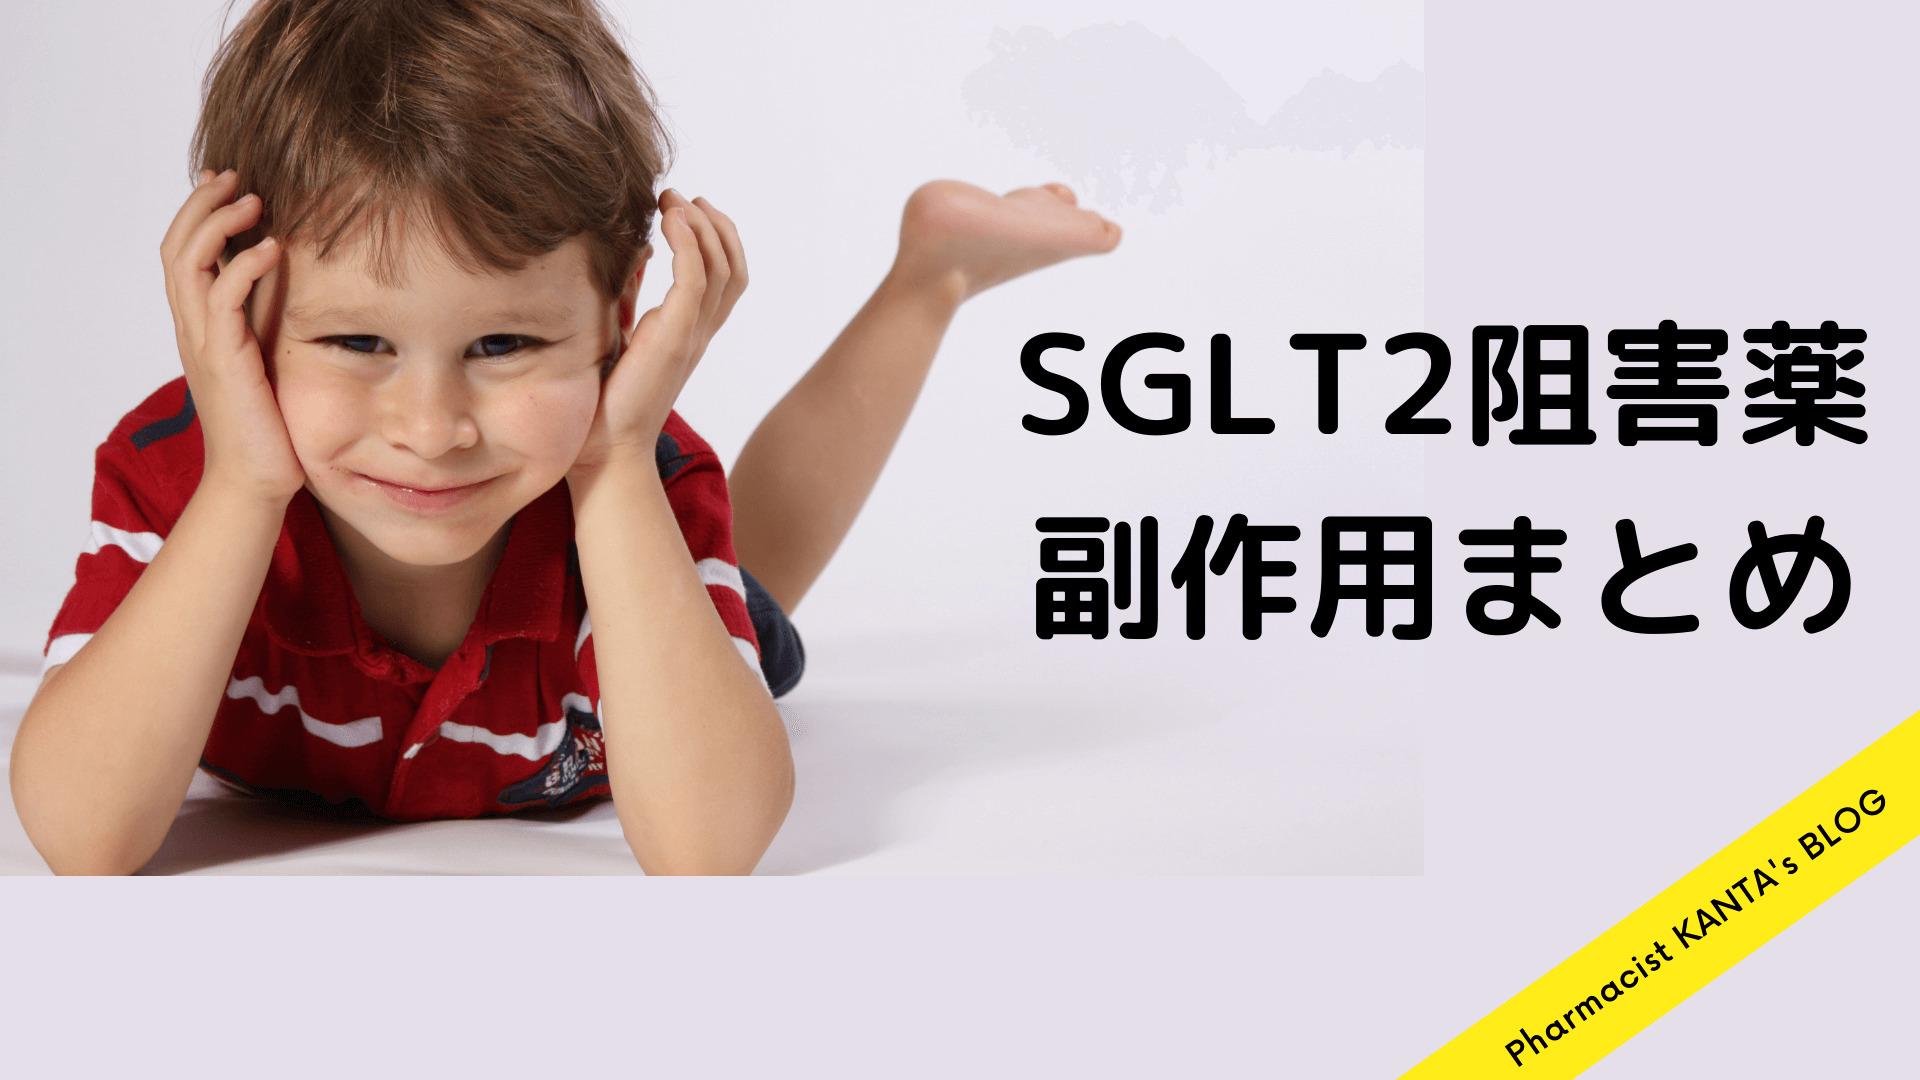 SGLT2inhibitor副作用まとめ